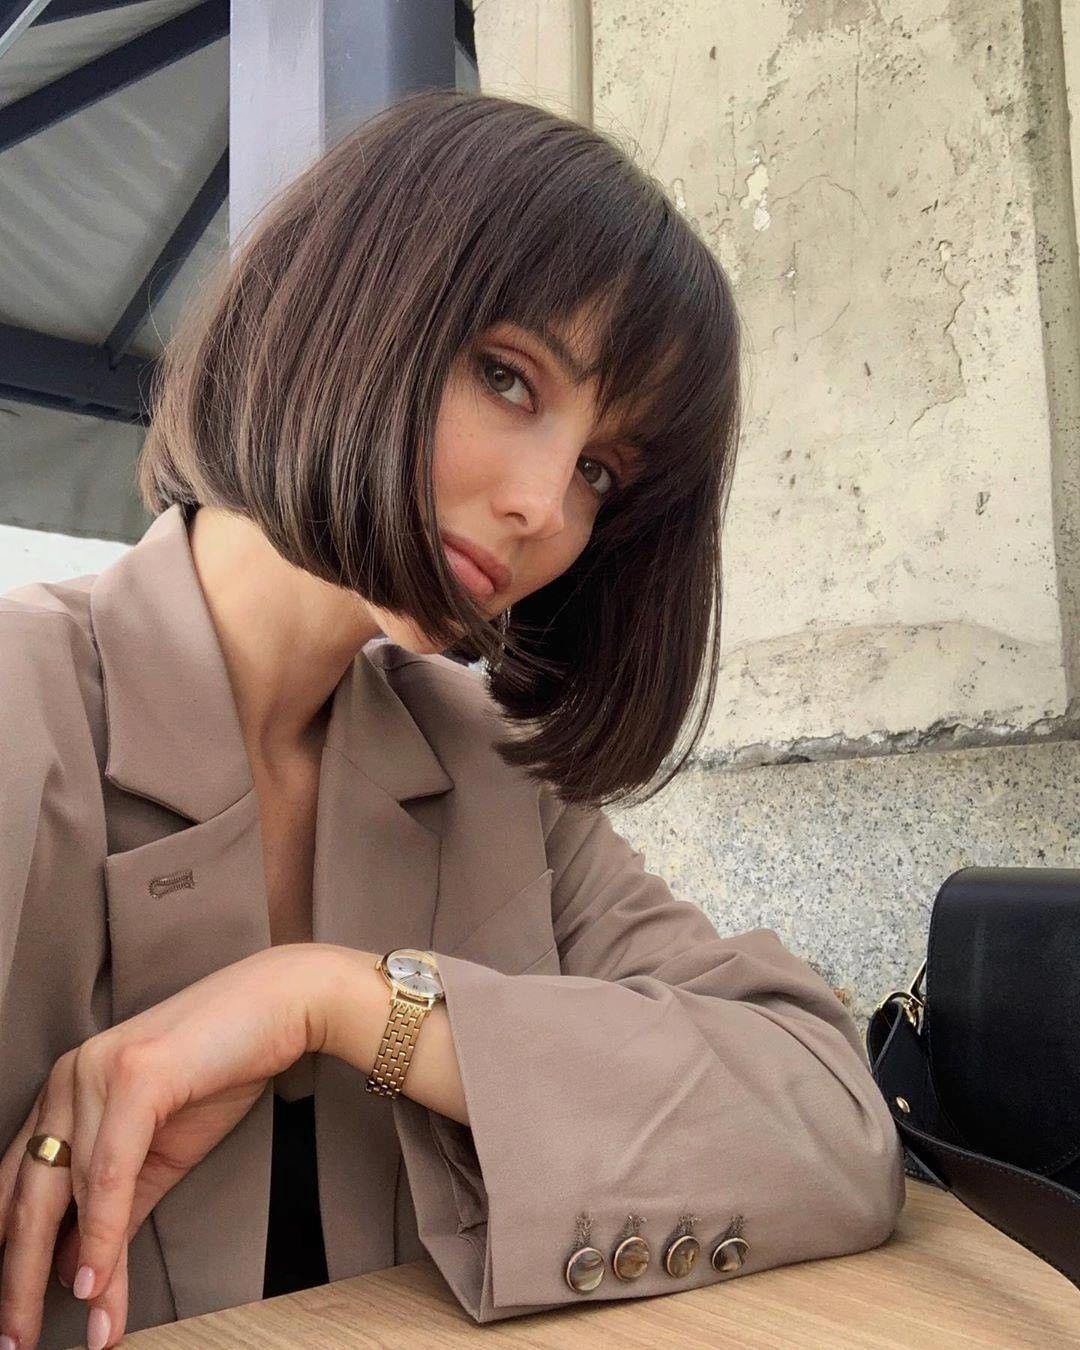 γσλλικό καρέ_σε_ίσια μαλλιά_